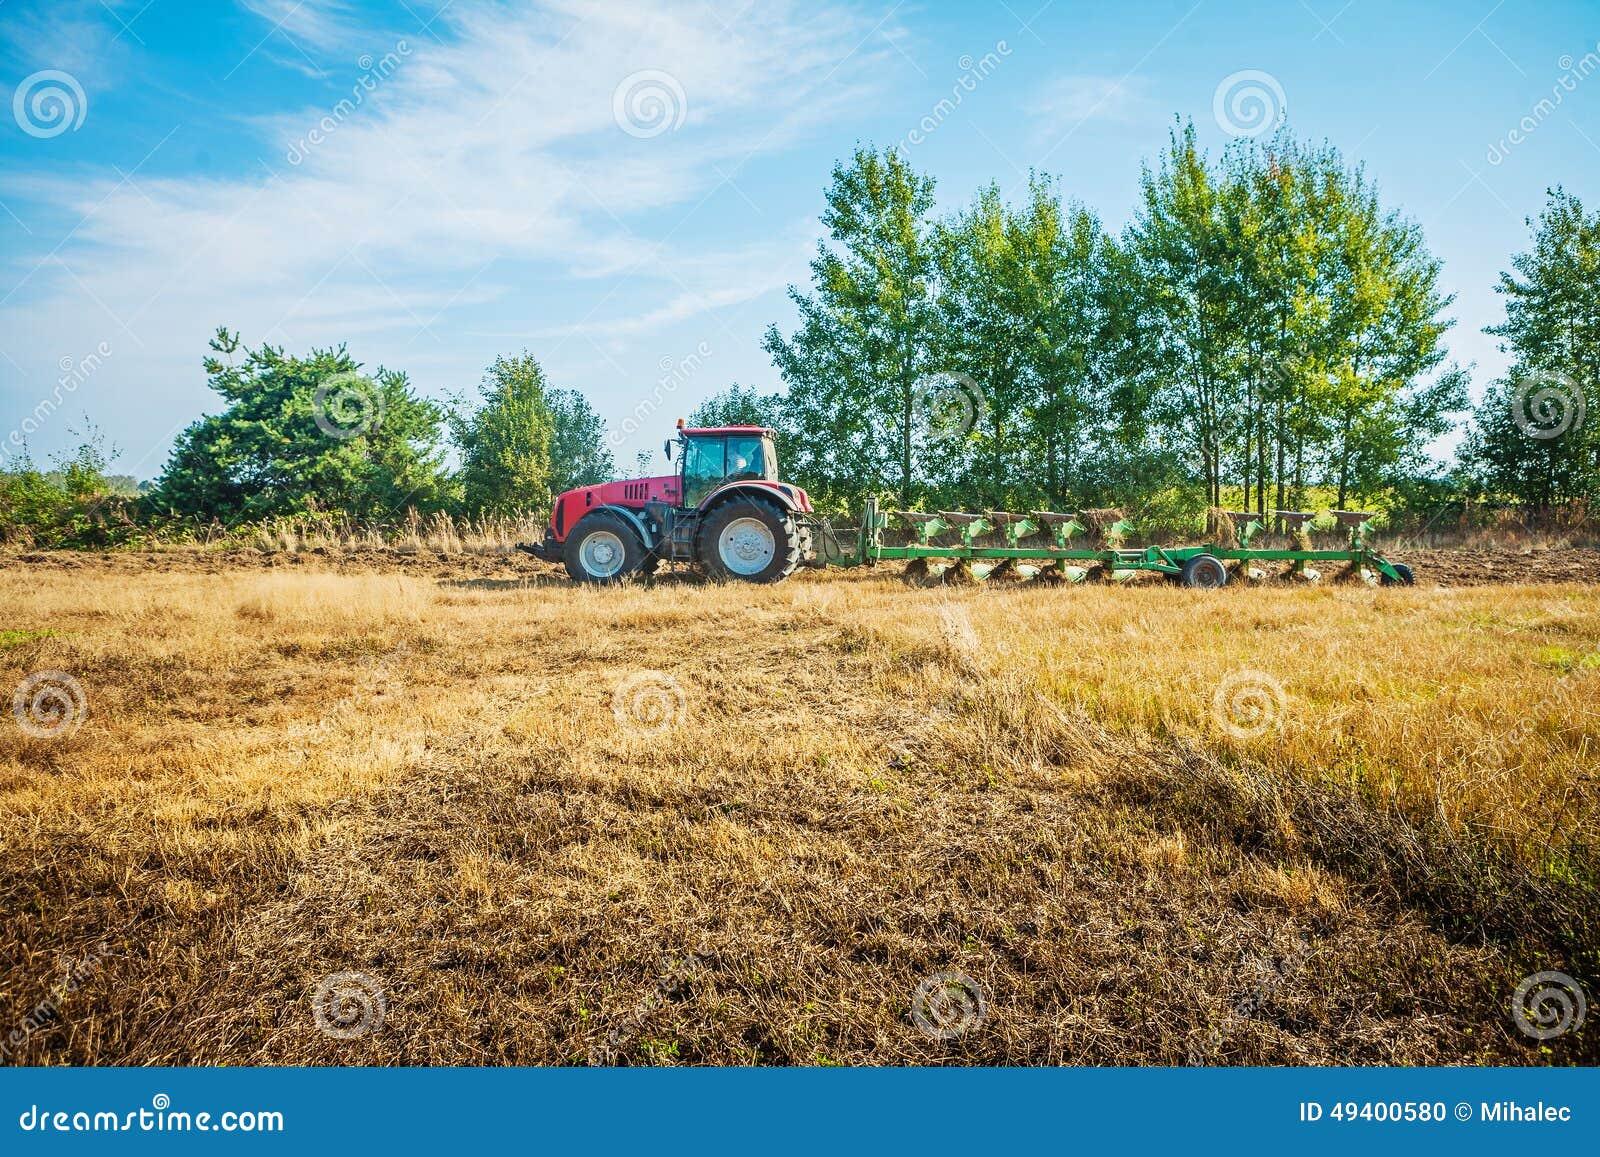 Download Landwirtschaftlicher Verarbeitungstraktor, Der Feld Pflügt Stockfoto - Bild von leistungsfähigkeit, industrie: 49400580